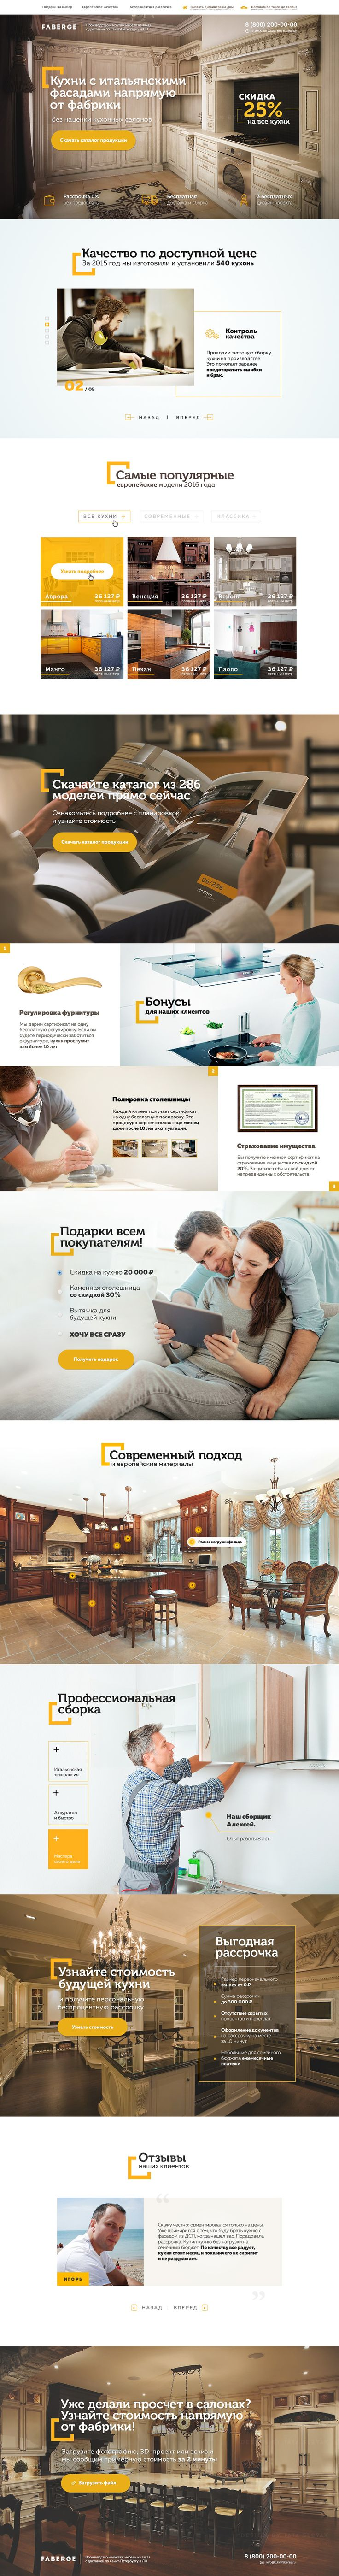 561 Best Web Design Images On Pinterest  Web Layout Website Inspiration Kitchen Design Website Design Ideas